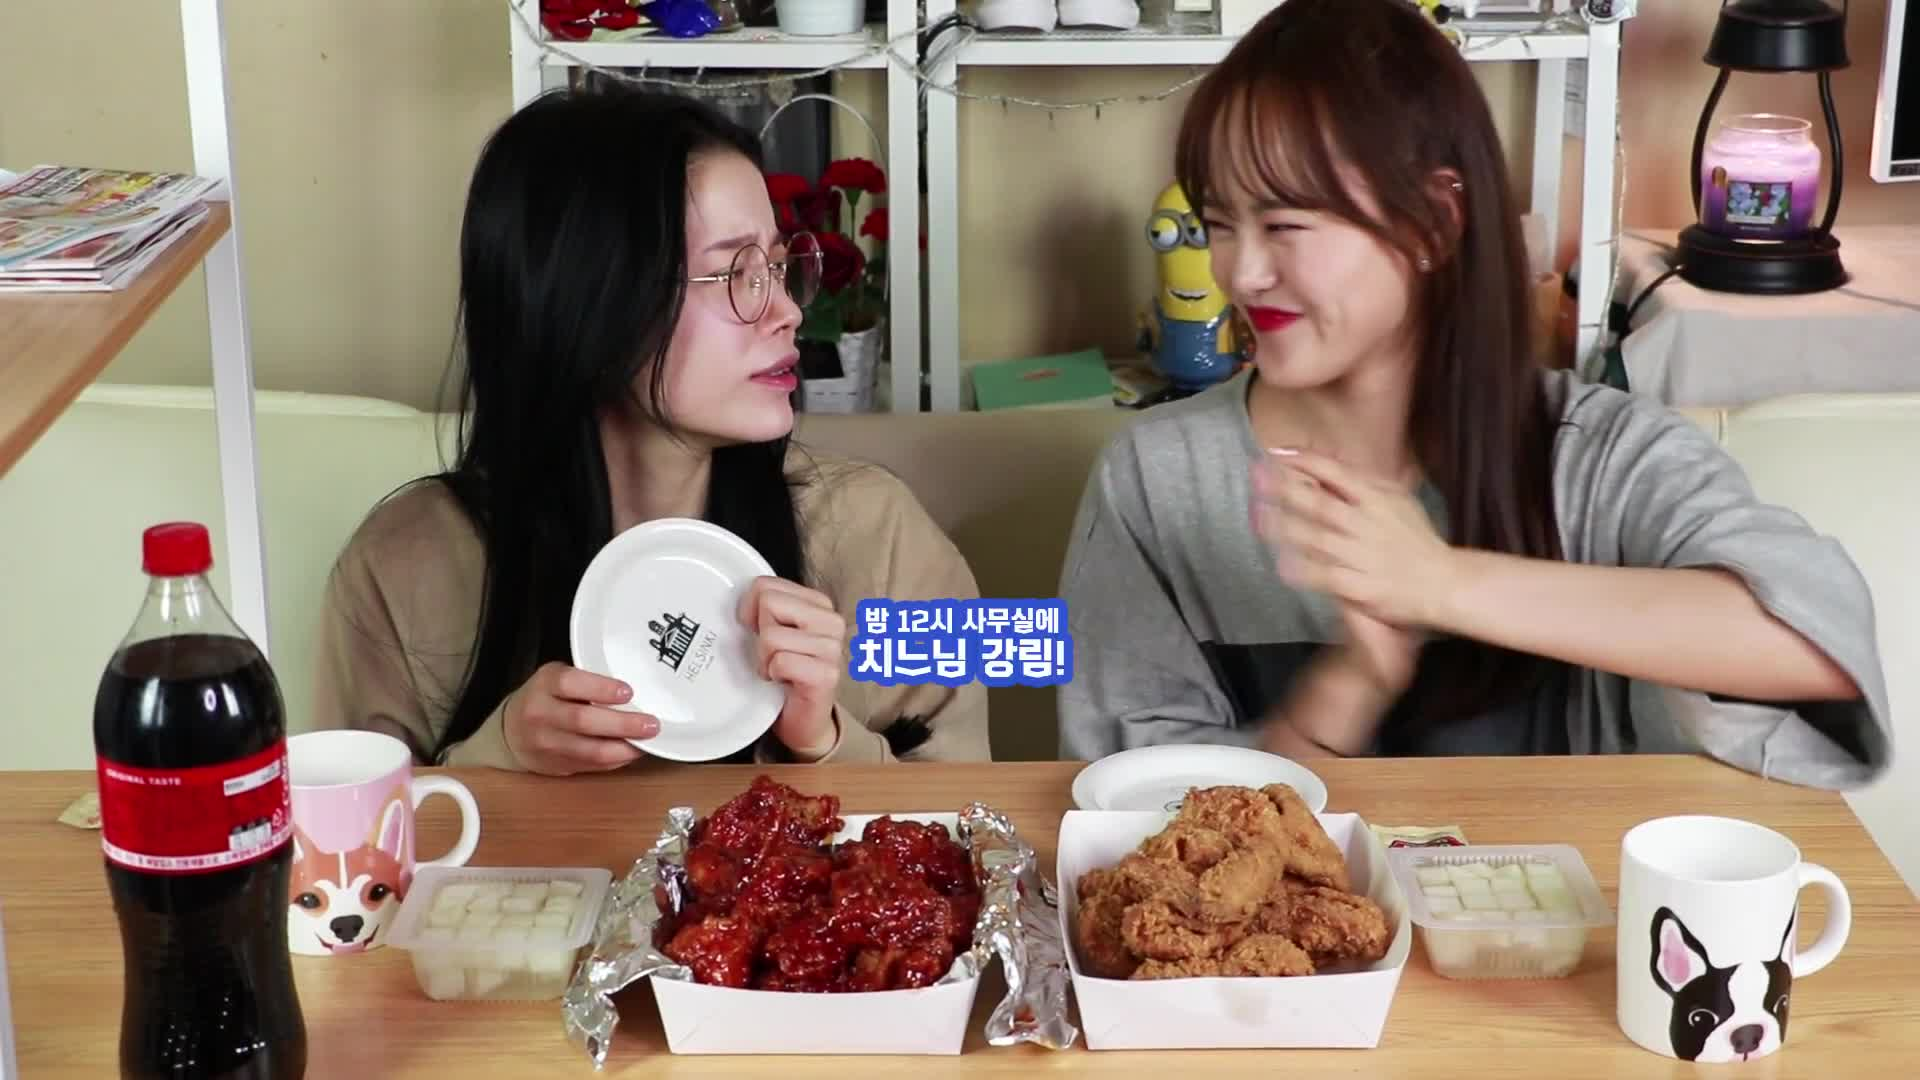 [야체타임] 야밤에 치킨먹방? 걱정마요 치느님 근육으로 보내줄게! (찡긋)